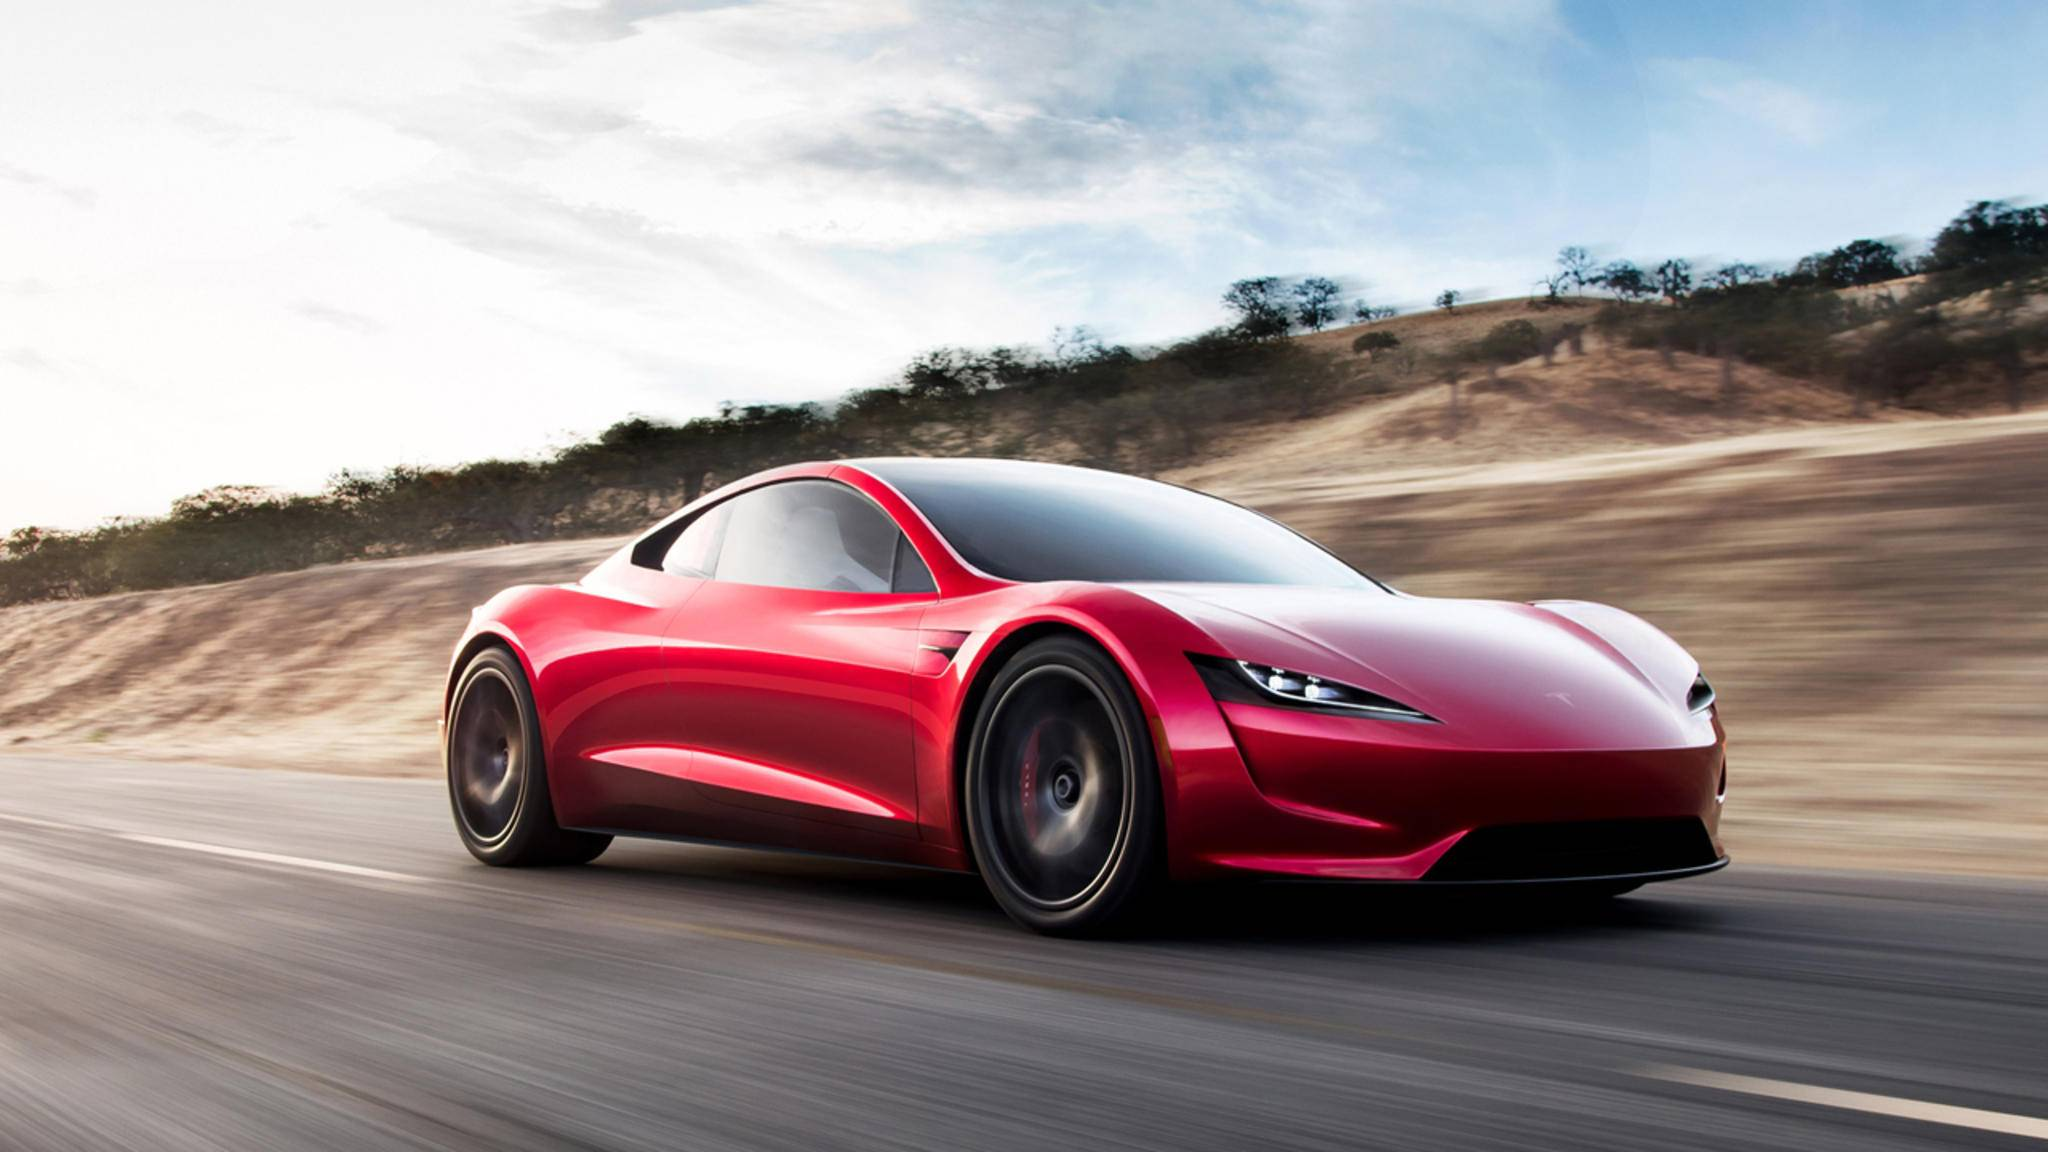 Elektroautos sind nicht sportlich? Der Tesla Roadster rast in 2,1 Sekunden von Null auf 100!